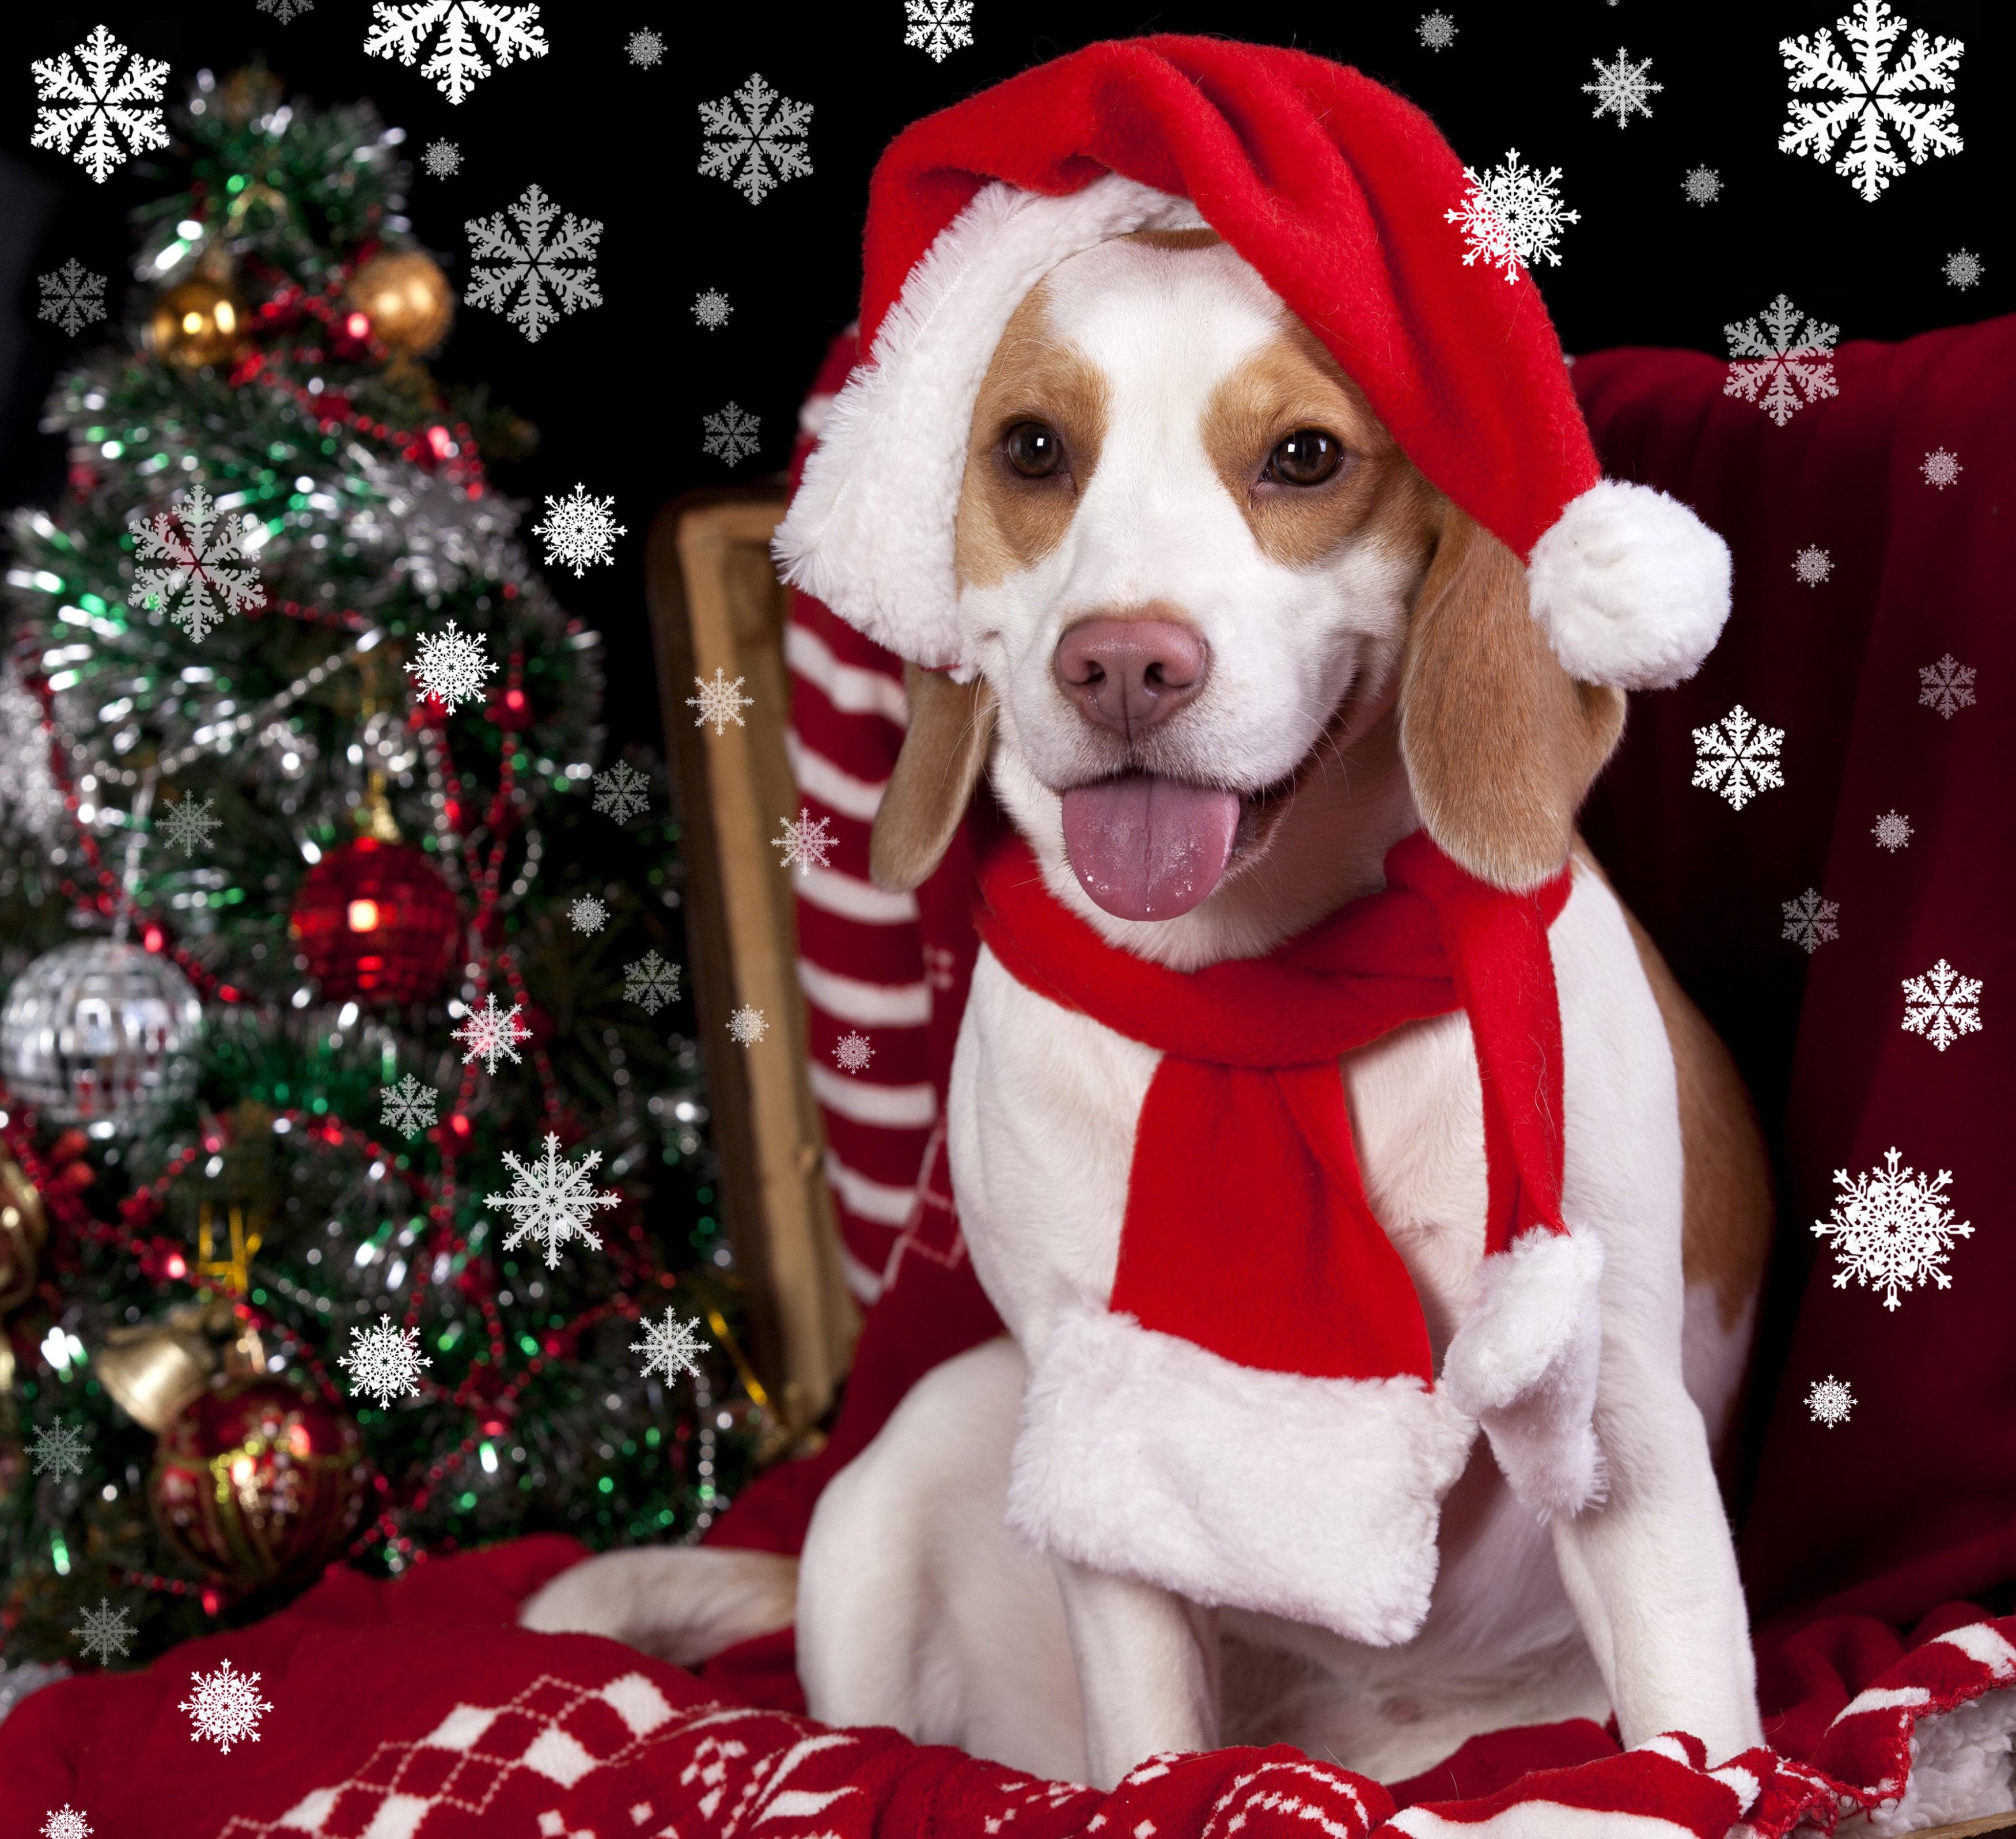 Пасха, картинки с новым годом 2018 год собаки